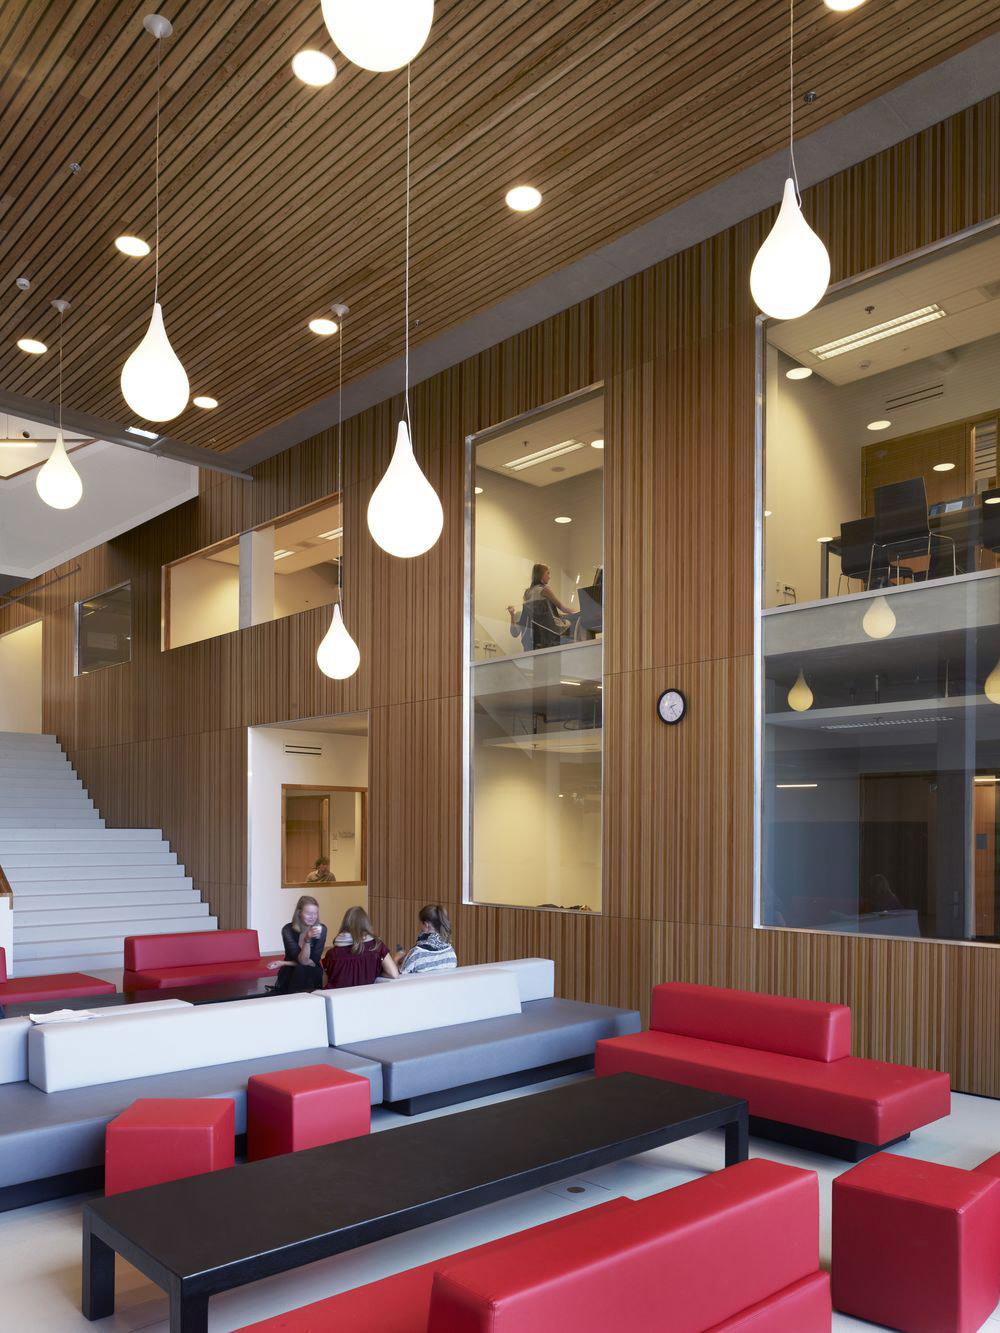 First floor (Image: Mecanoo architecten)